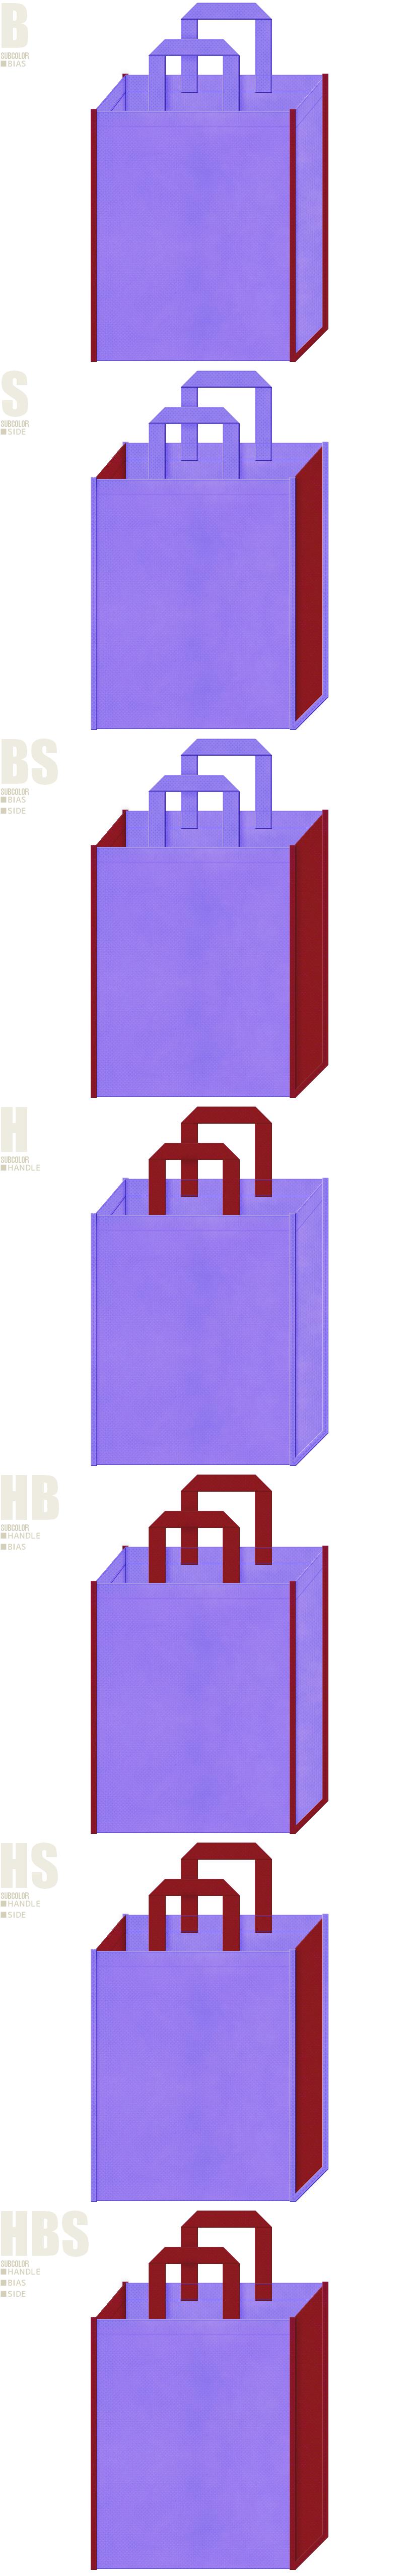 着物・帯・和風柄・和風催事にお奨めの不織布バッグデザイン:薄紫色とエンジ色の配色7パターン